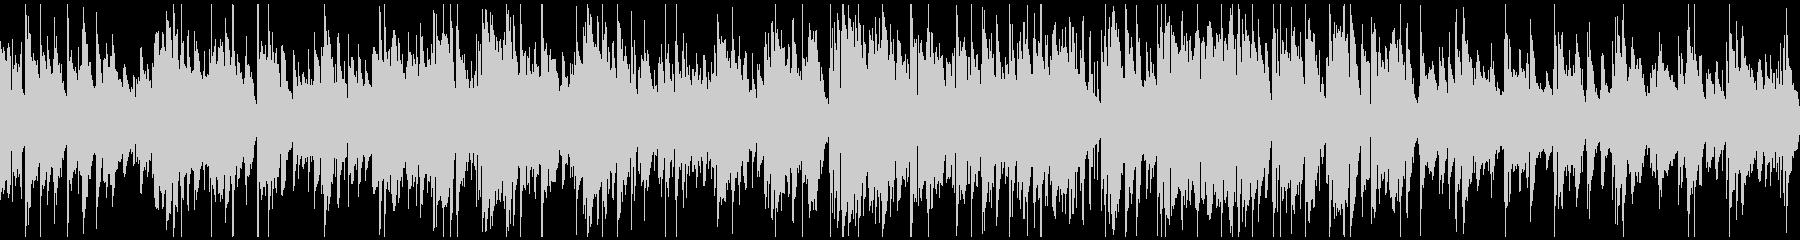 ミディアムテンポの素敵なジャズ※ループ版の未再生の波形